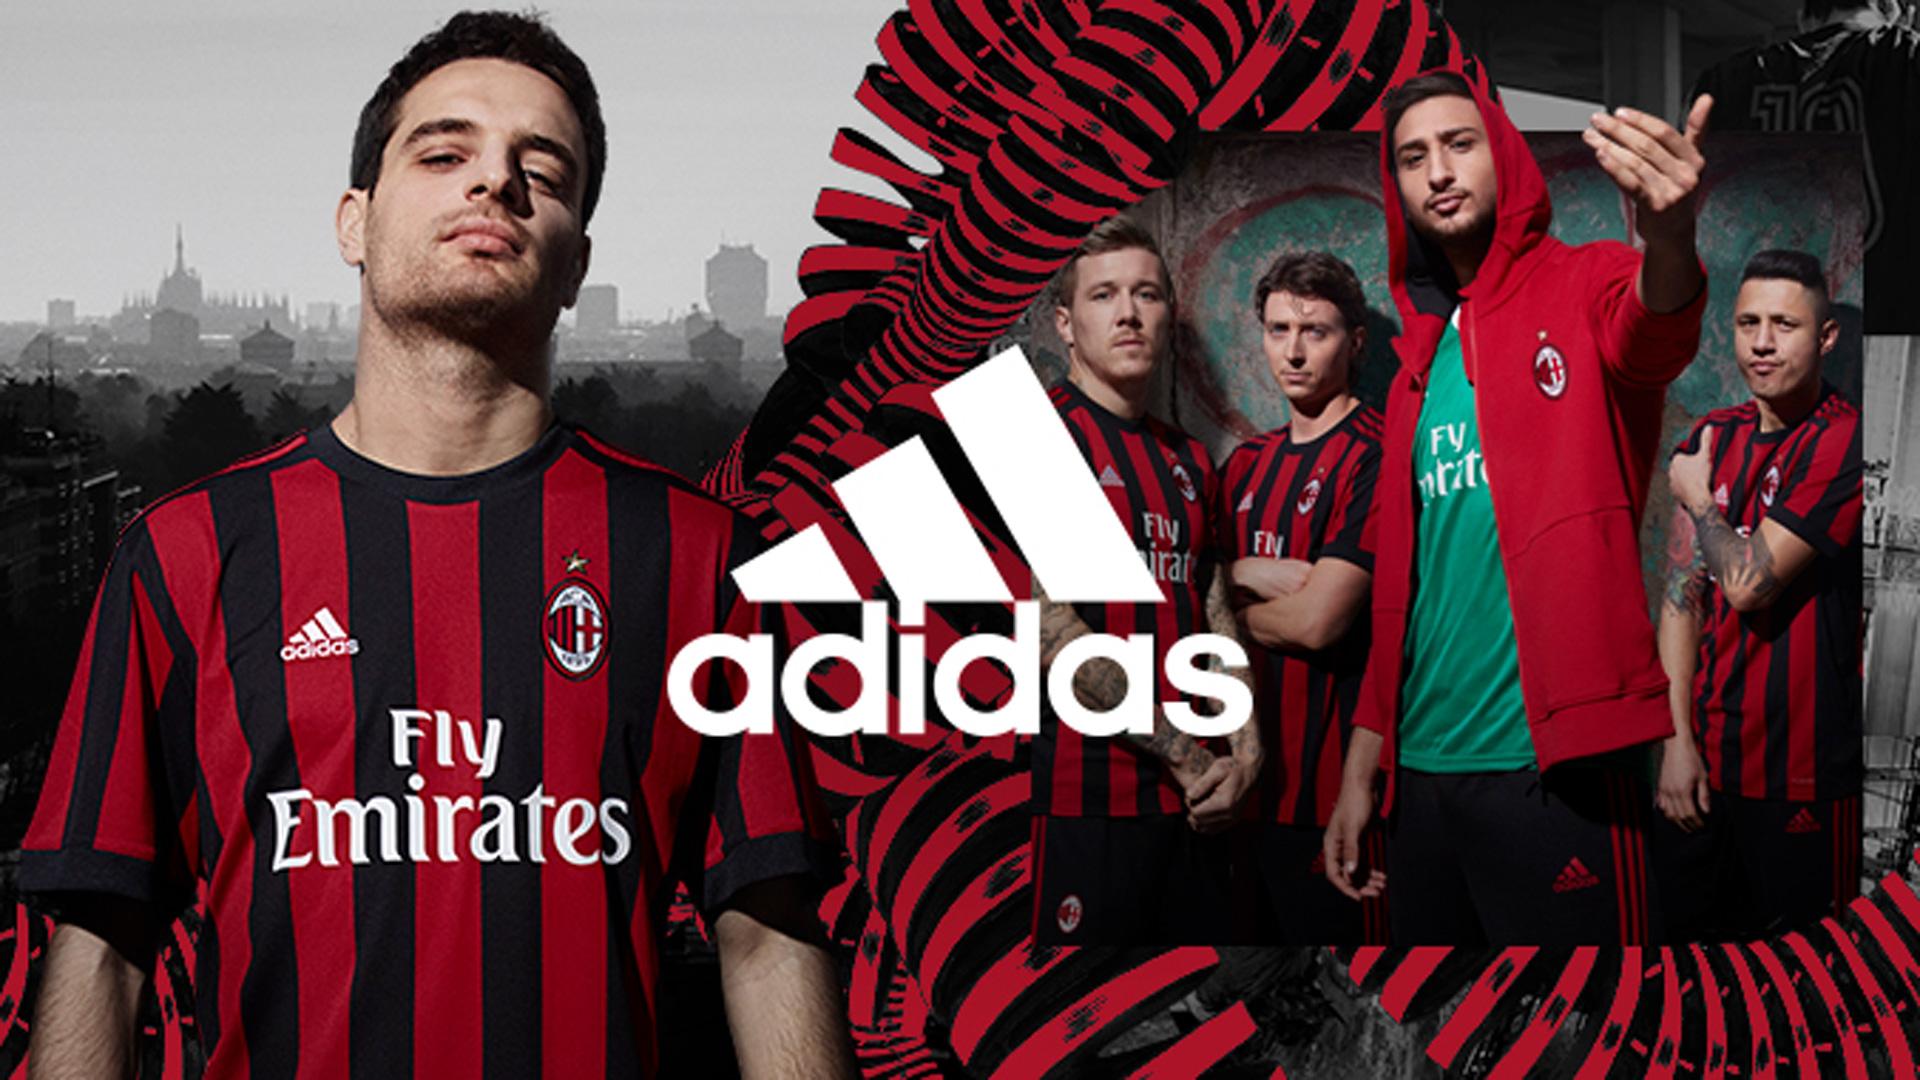 MN - Conferme sulla separazione con Adidas: all'inizio del 2018 il nuovo sponsor